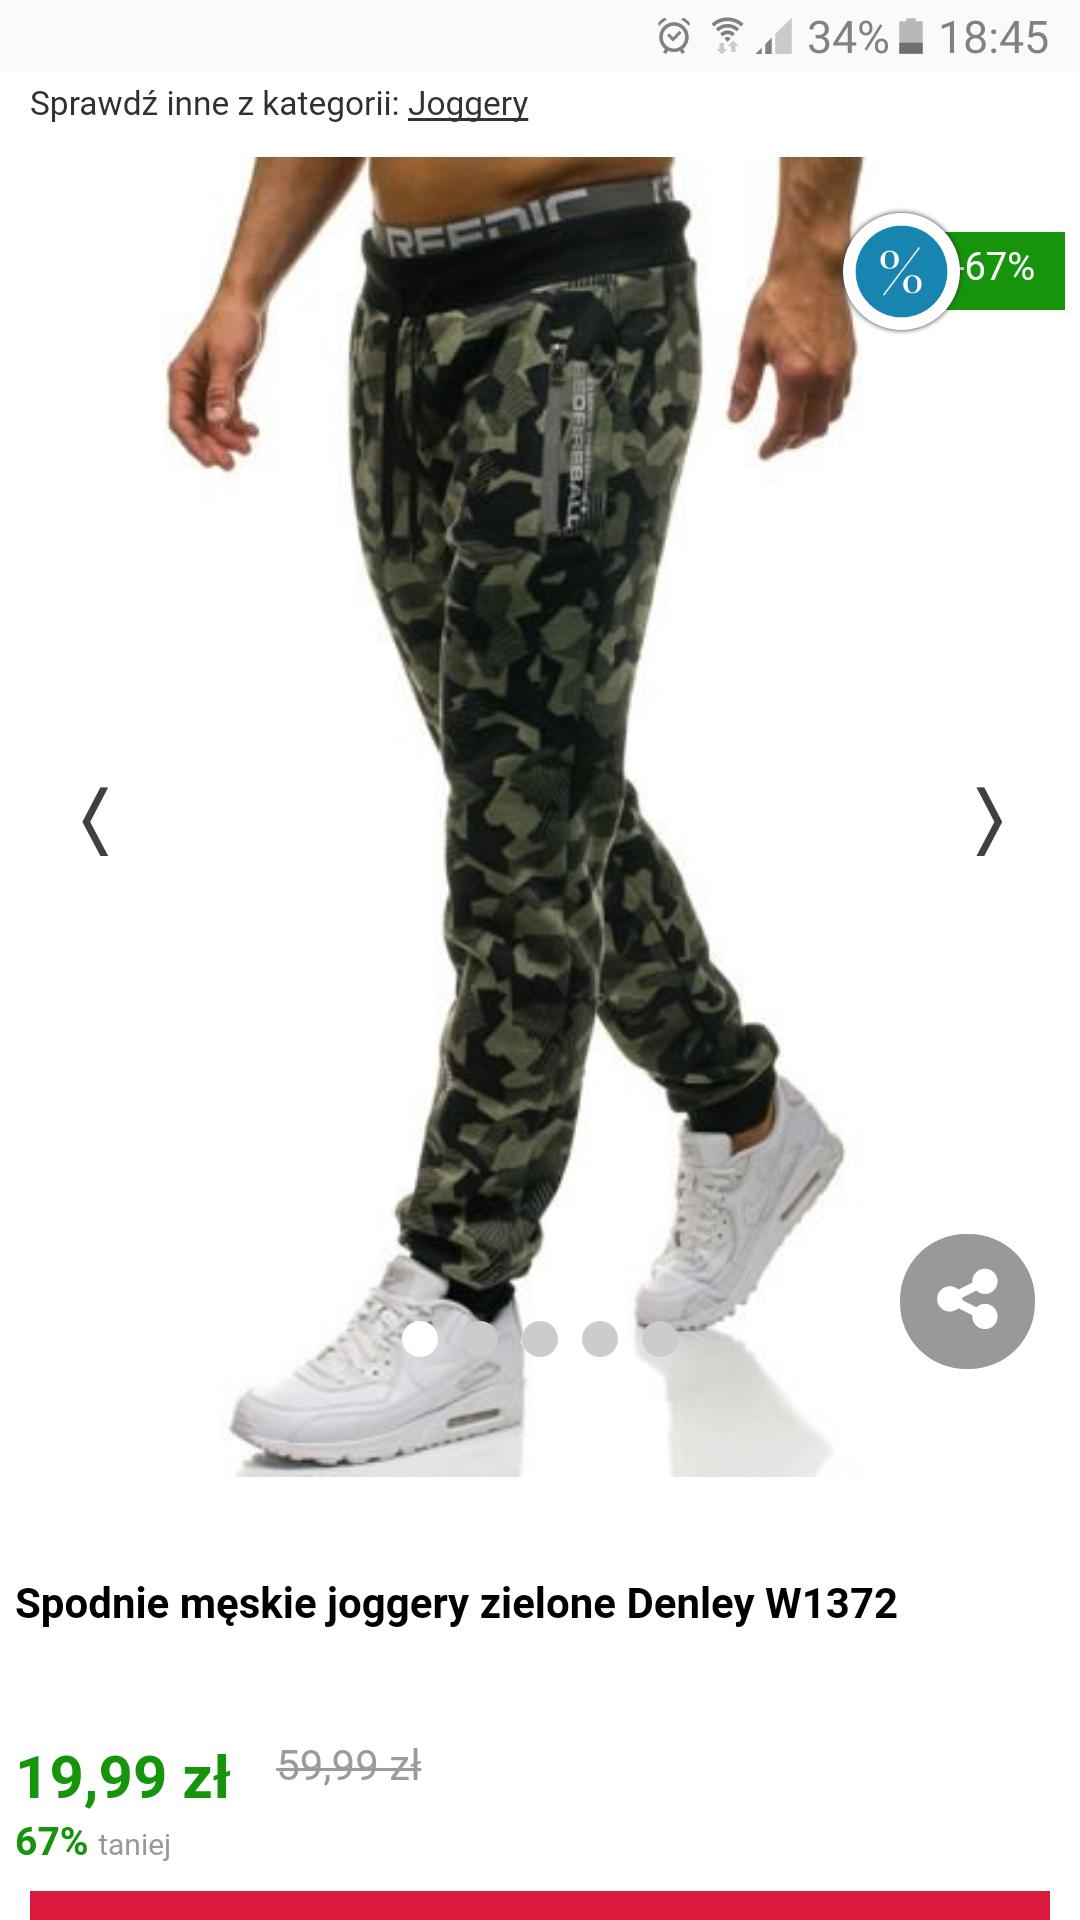 Spodnie męskie joggery zielone Denley W1372